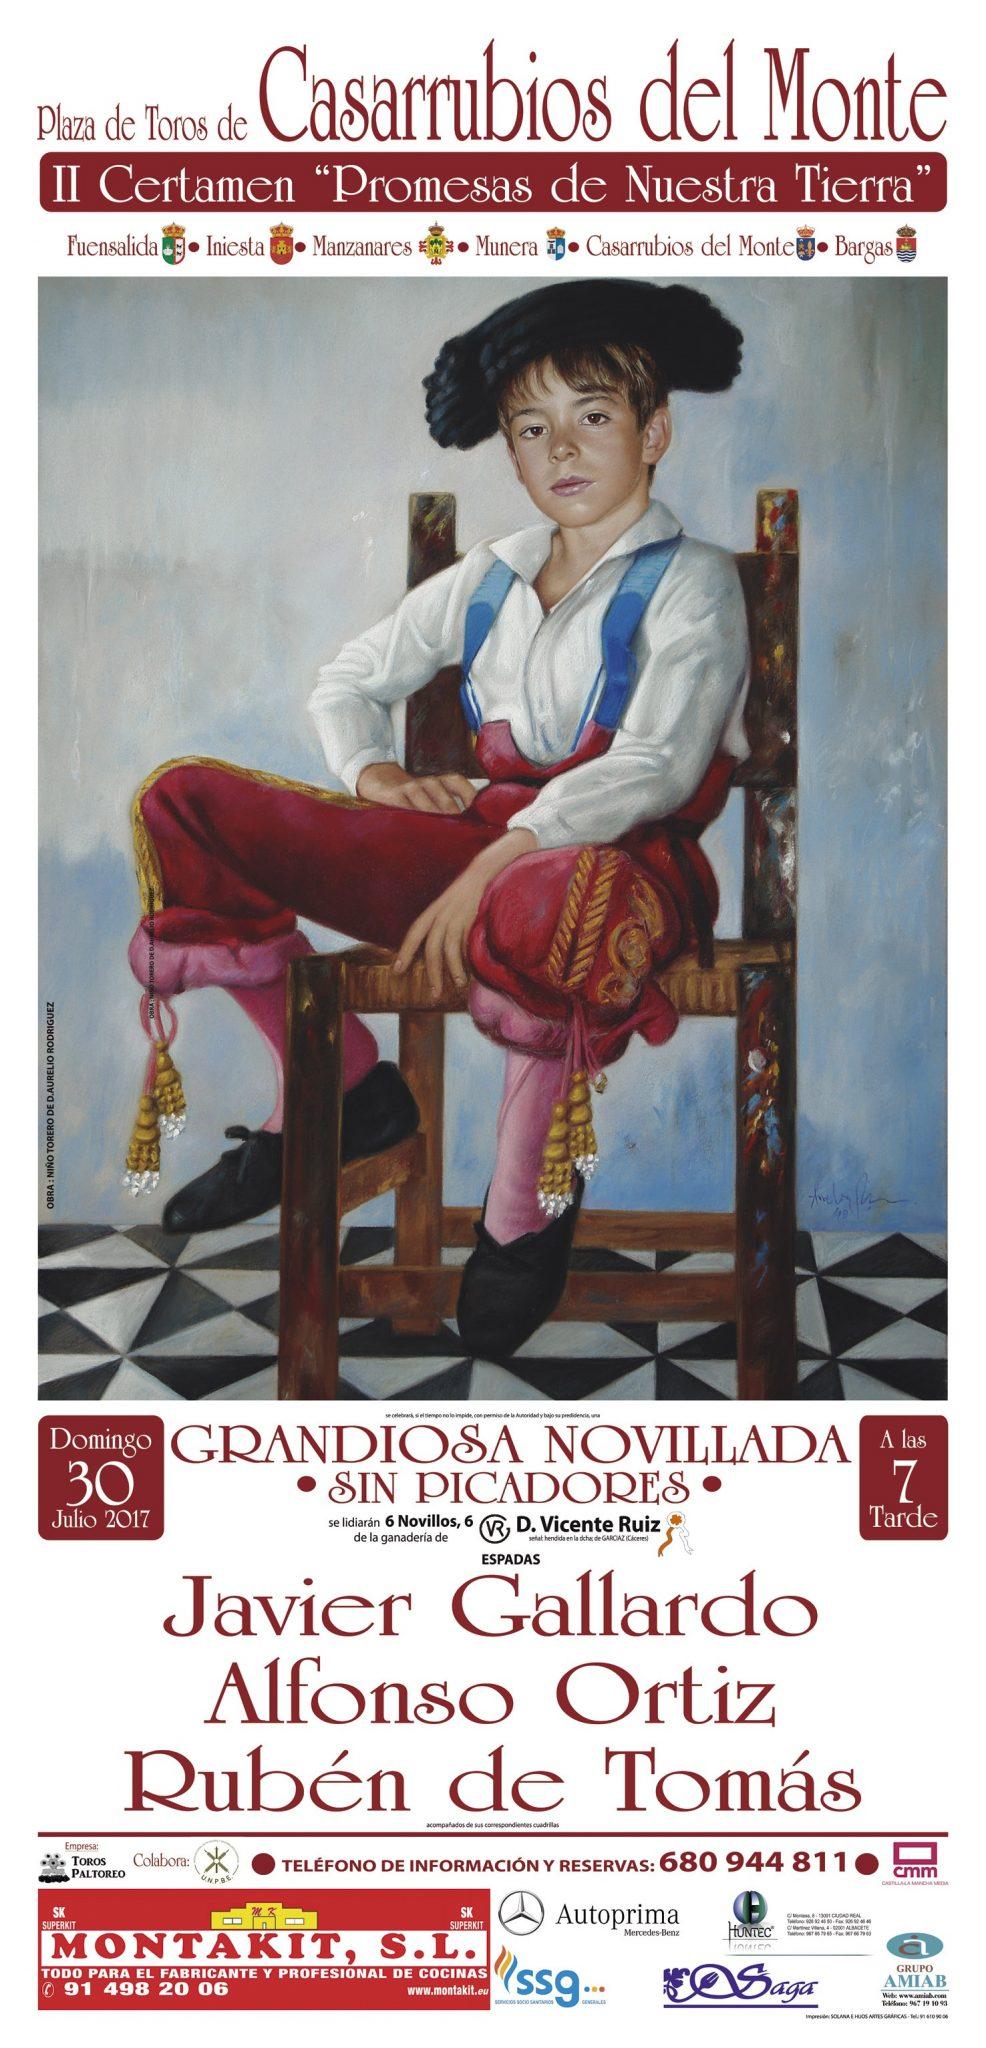 Rubén de Tomás en la novillada de Casarrubios del Monte, dentro del 2º Certamen «Promesas de Nuestra Tierra»